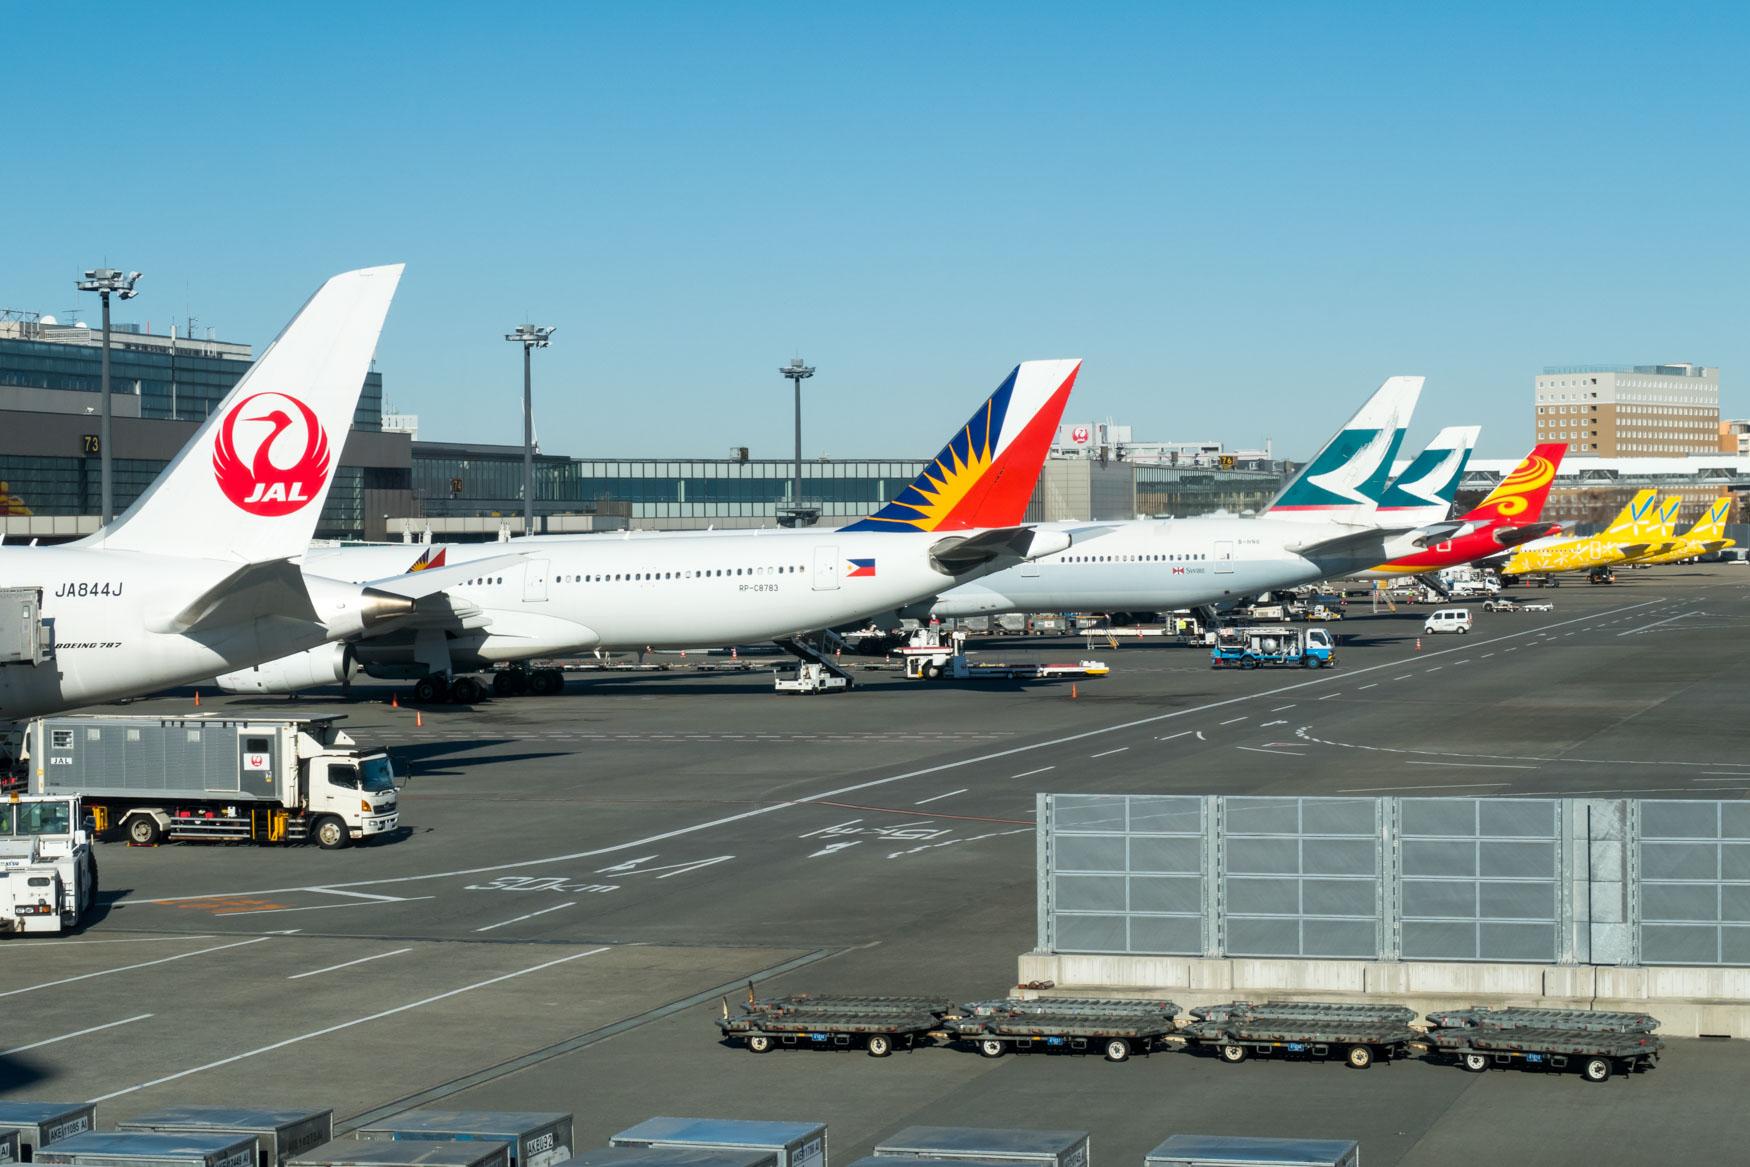 Line-Up of Aircraft at Tokyo Narita's Terminal 2